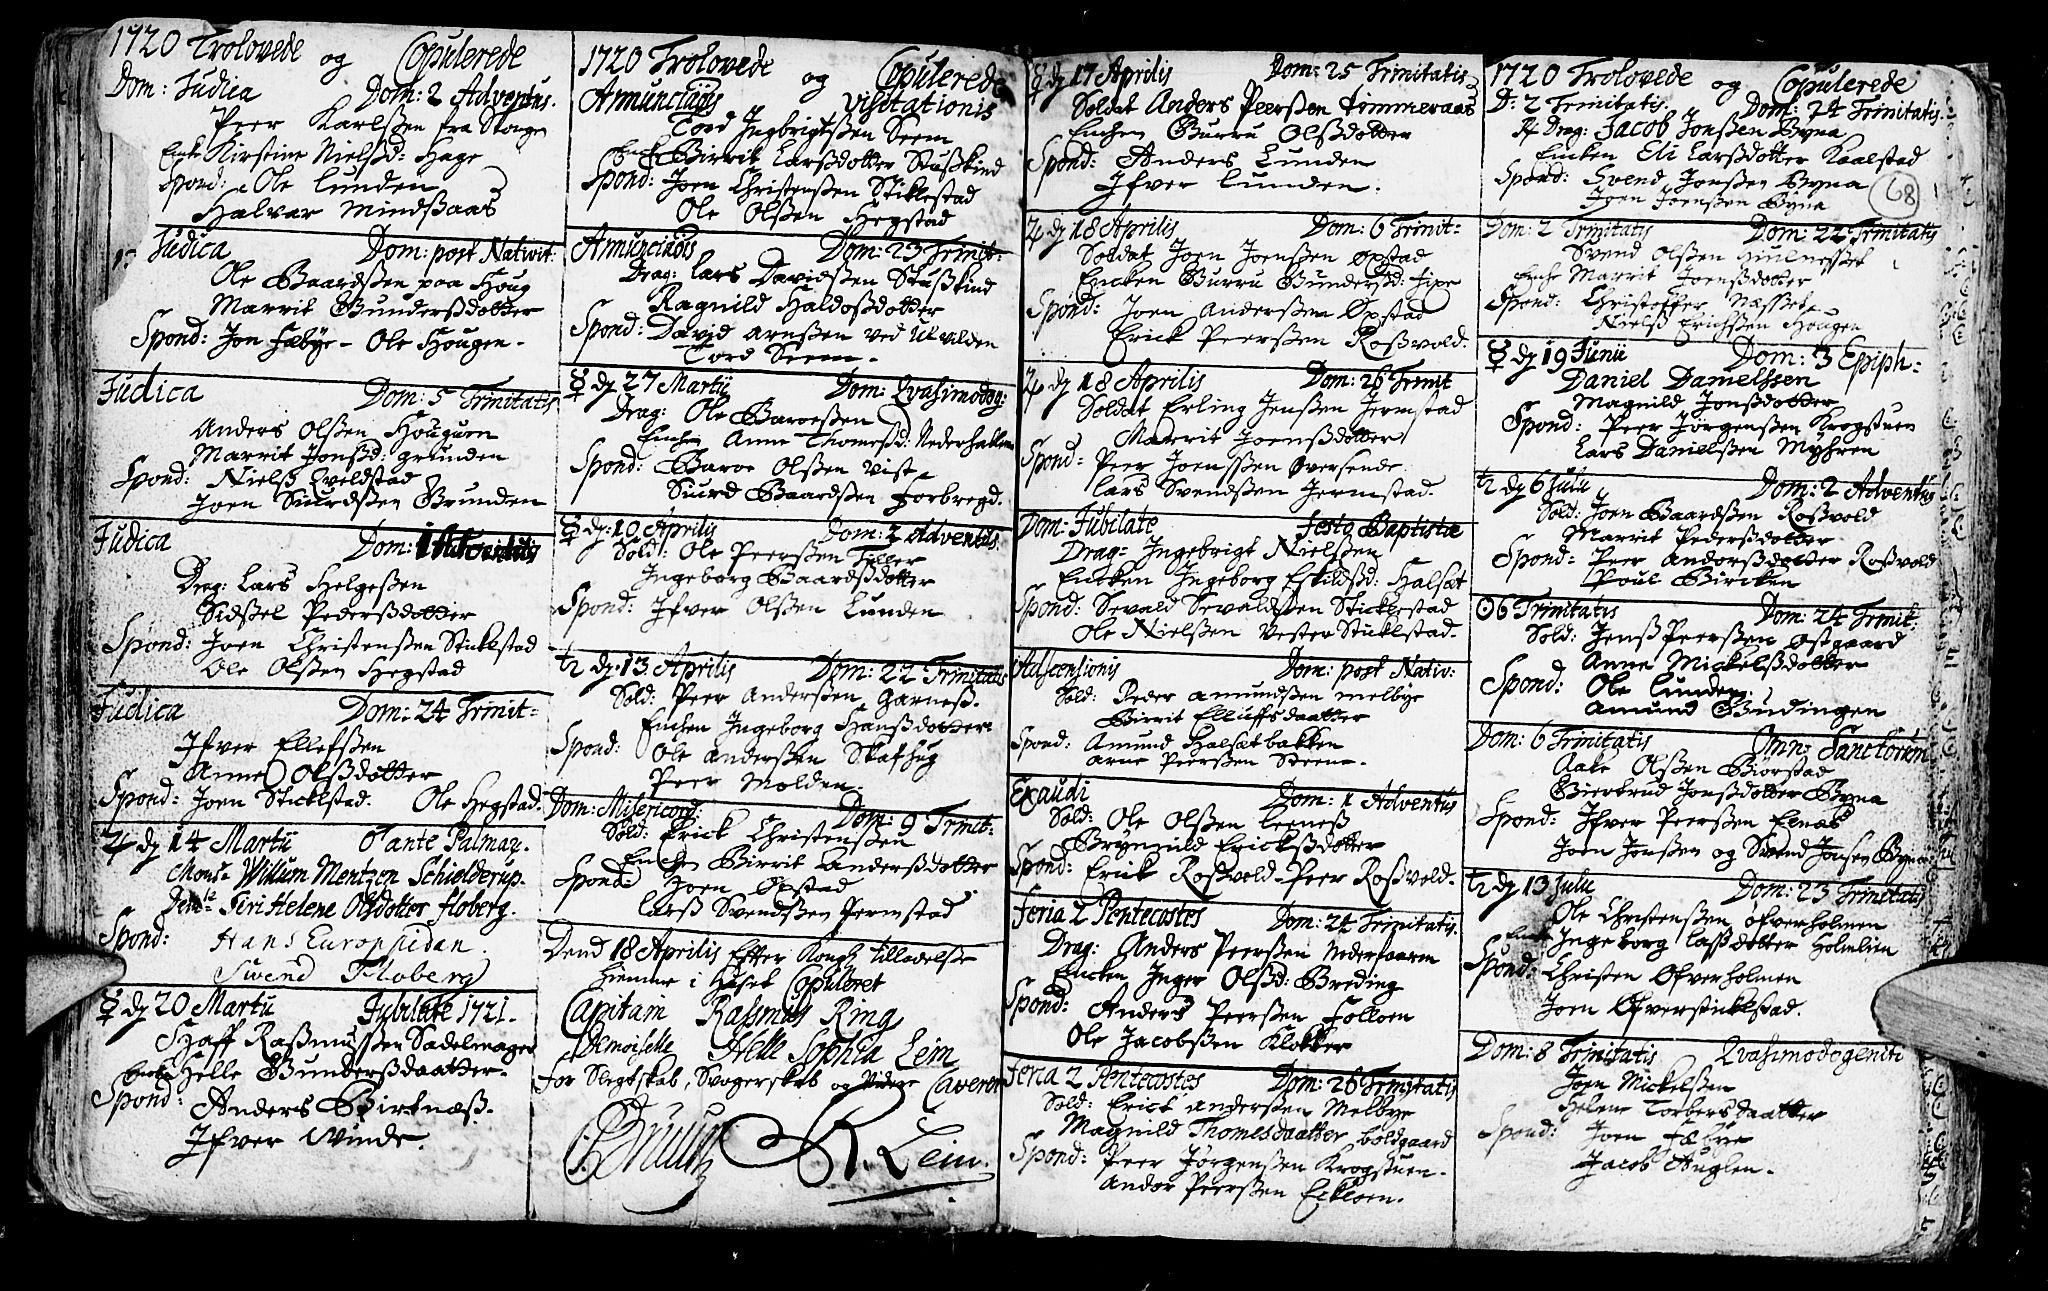 SAT, Ministerialprotokoller, klokkerbøker og fødselsregistre - Nord-Trøndelag, 723/L0230: Ministerialbok nr. 723A01, 1705-1747, s. 68